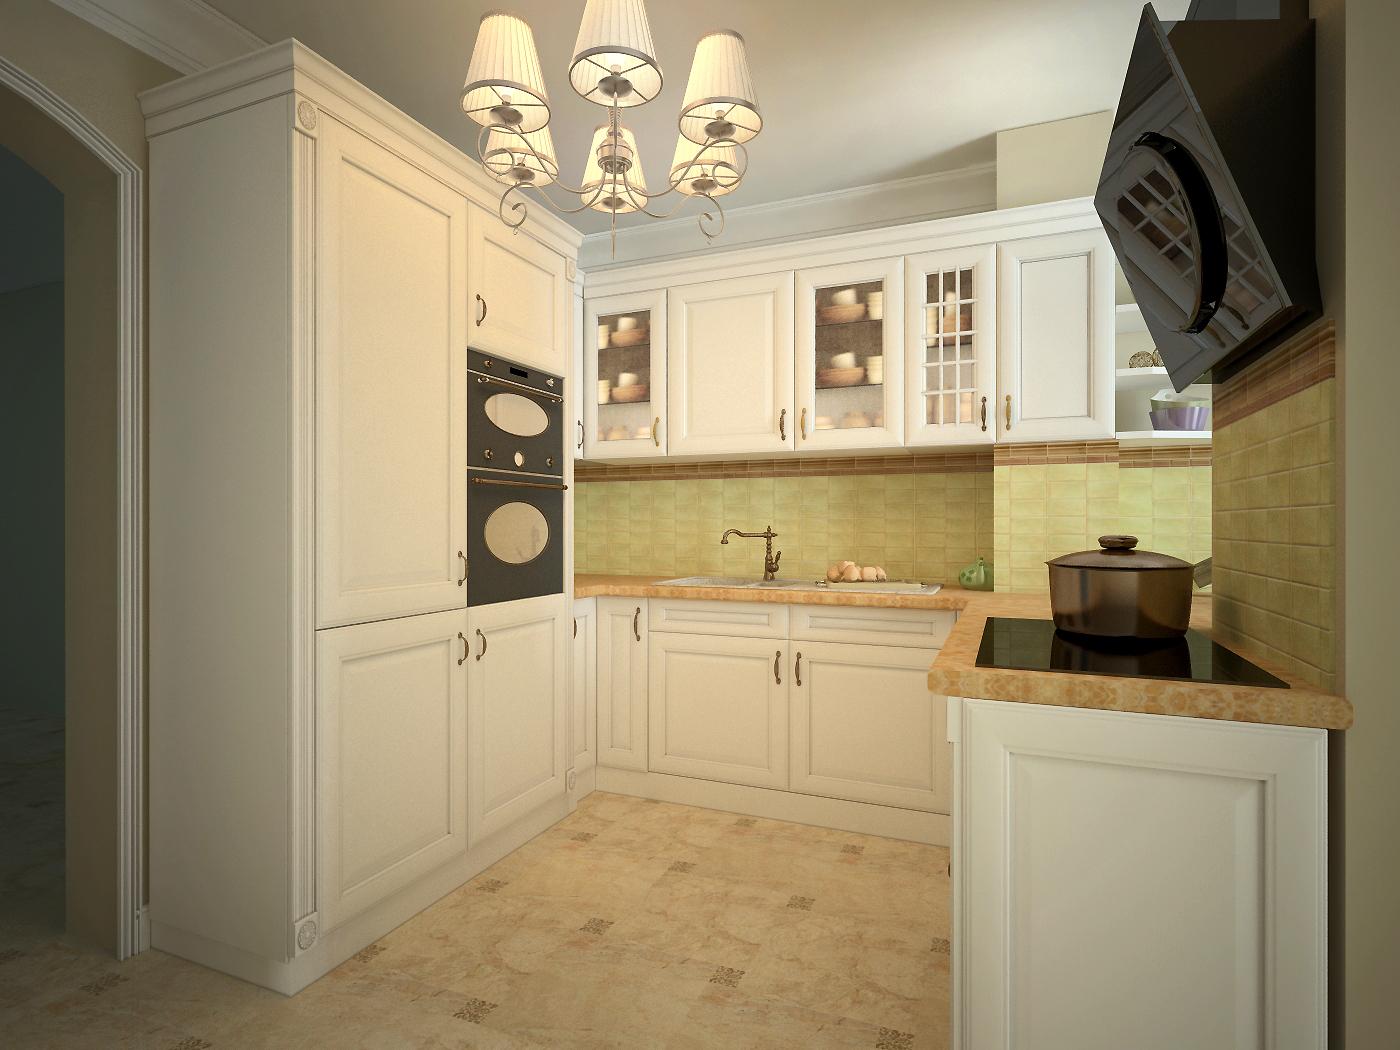 06Кухня2.jpg